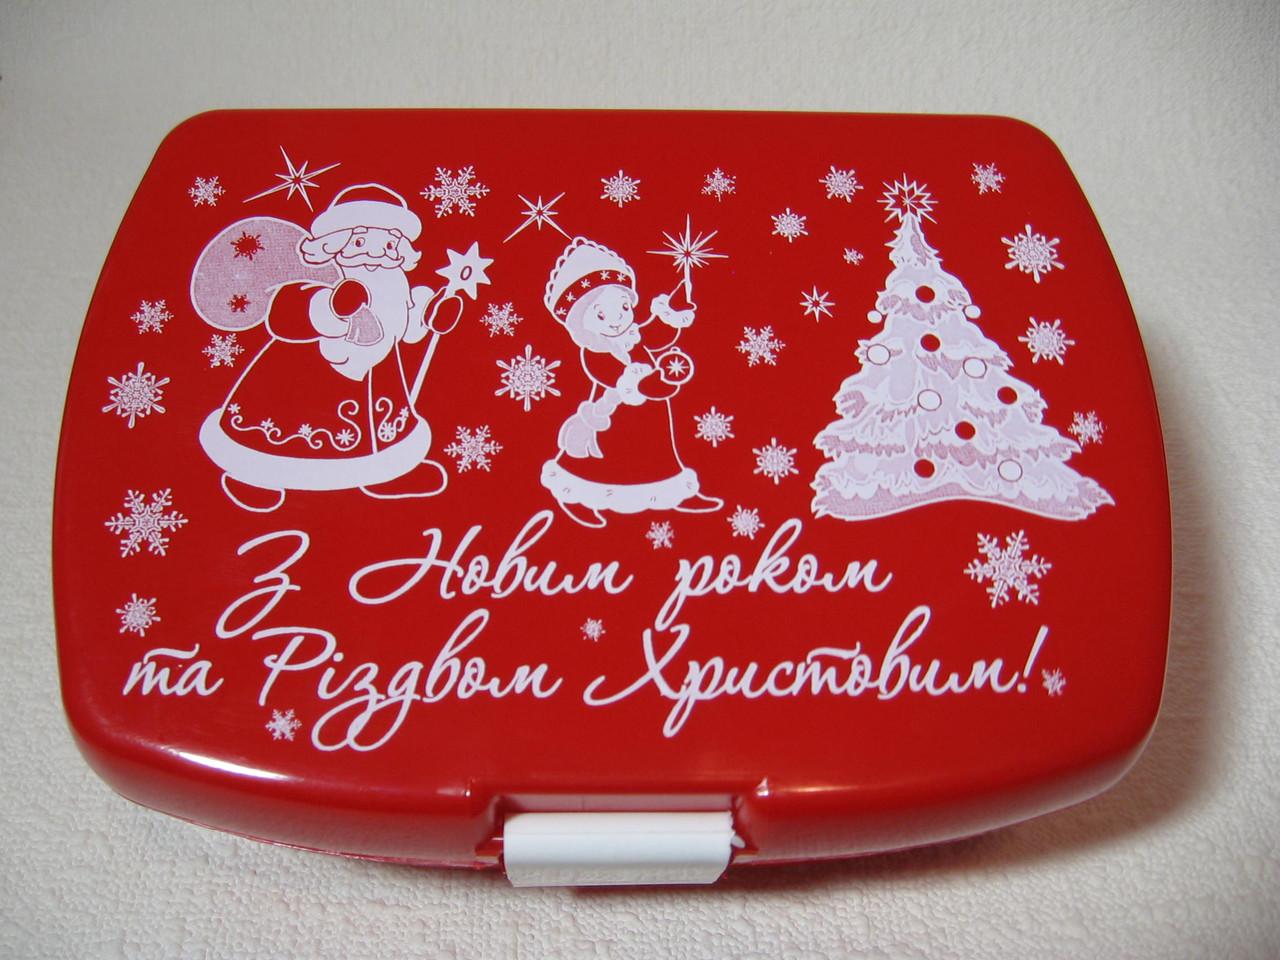 Детский ланч-бокс - идеальная упаковка для новогодних сладких подарков